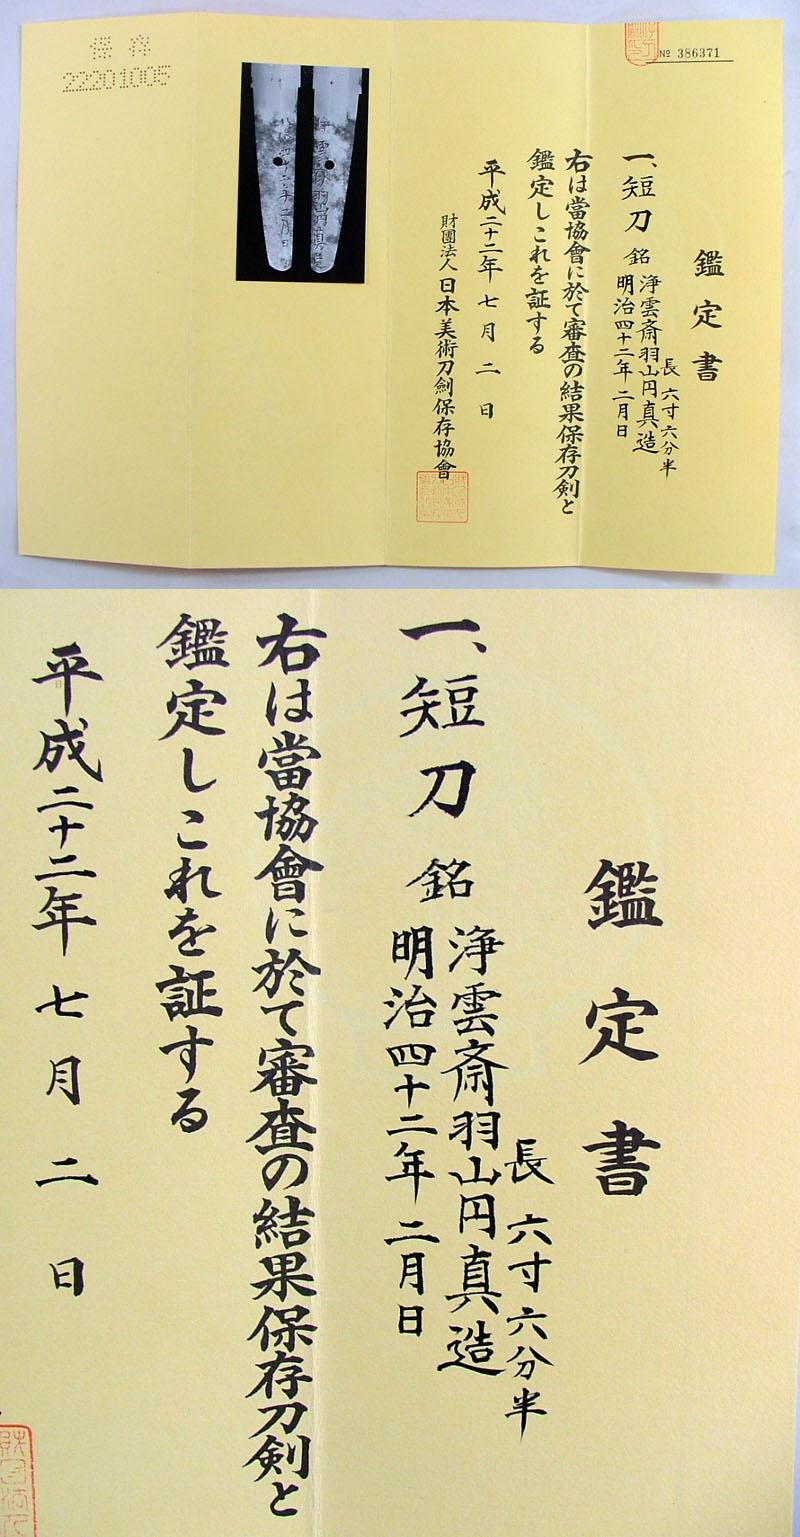 浄雲斎羽山円真造 Picture of Certificate